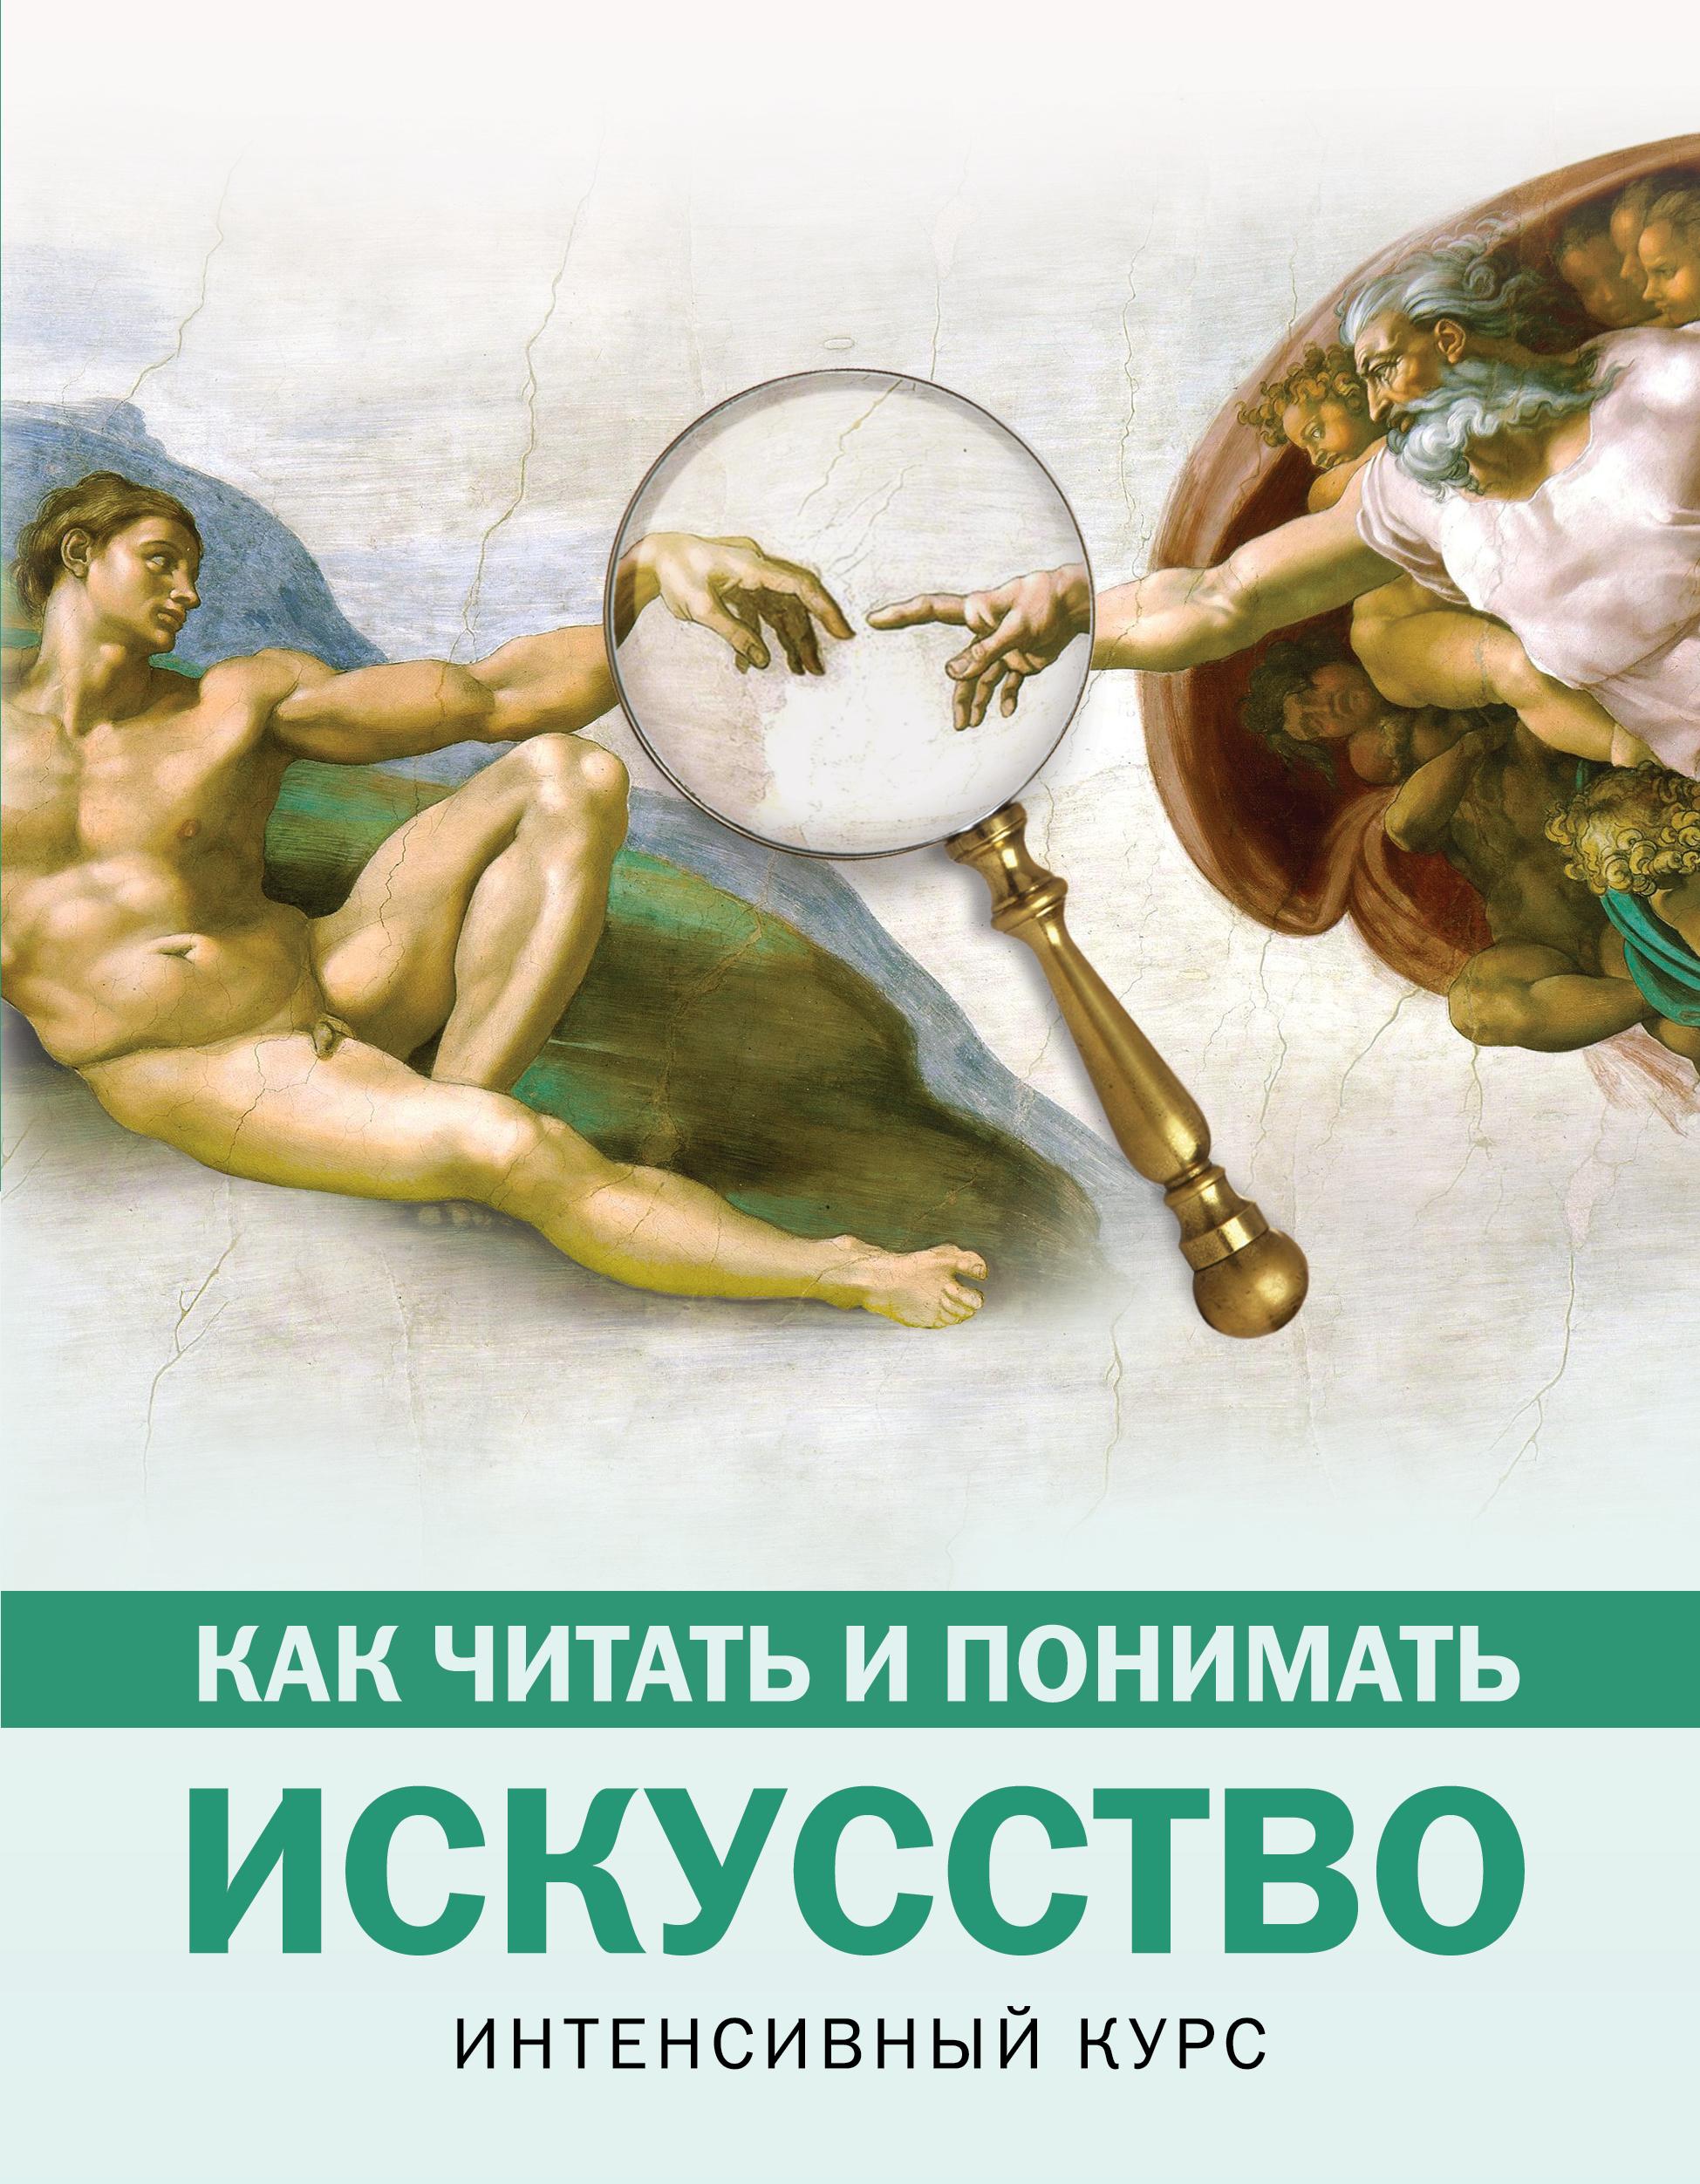 Кортунова Н.Д. Как читать и понимать искусство. Интенсивный курс кортунова н как читать и понимать искусство интенсивный курс